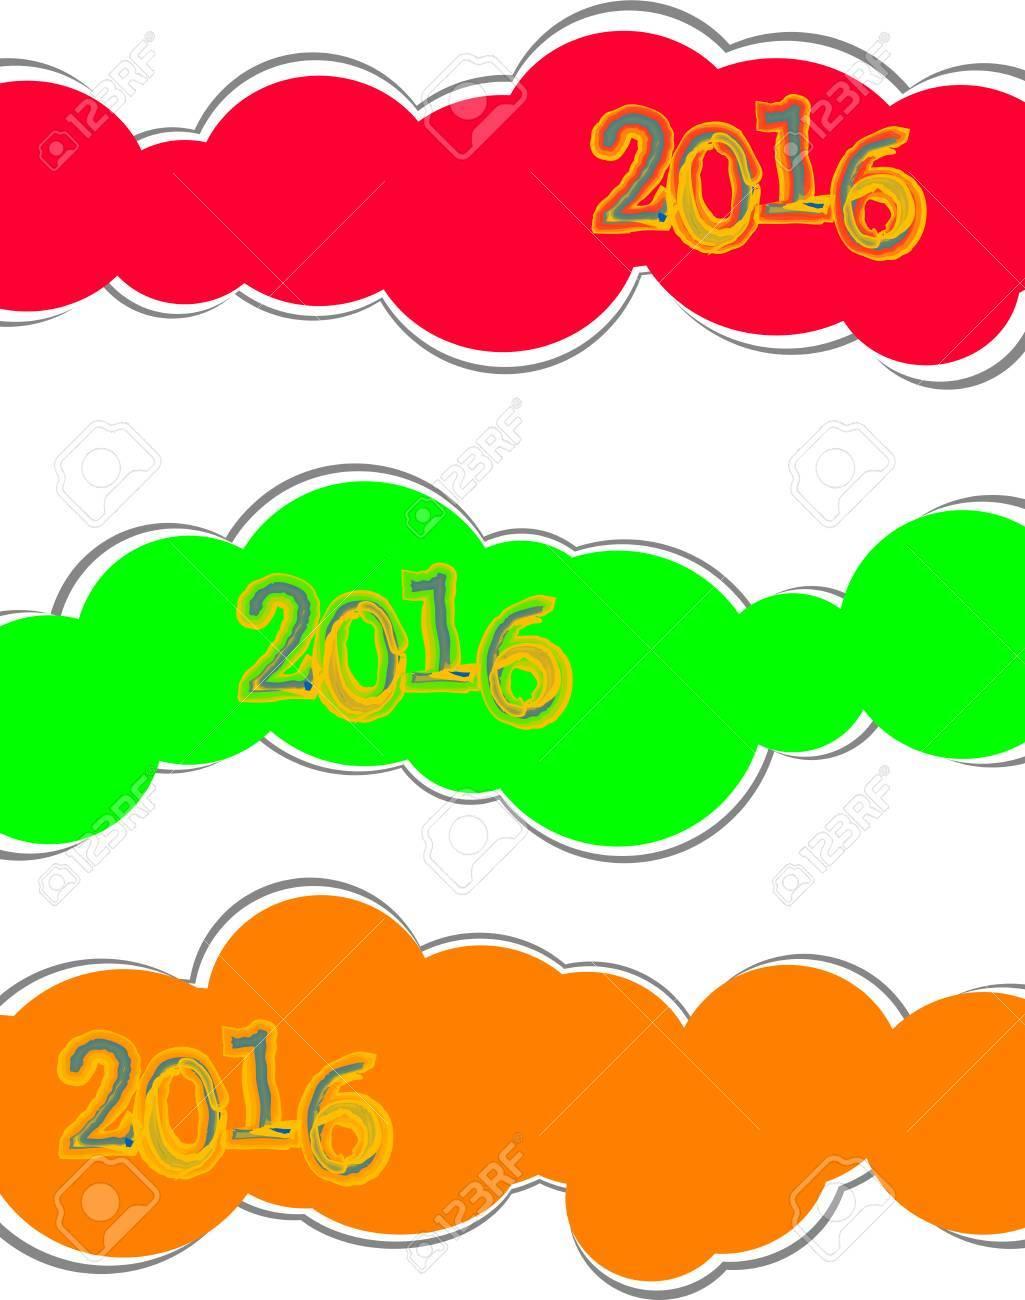 2016 Gelukkig Nieuwjaar Wenskaart Of Achtergrond Kerst Stickers